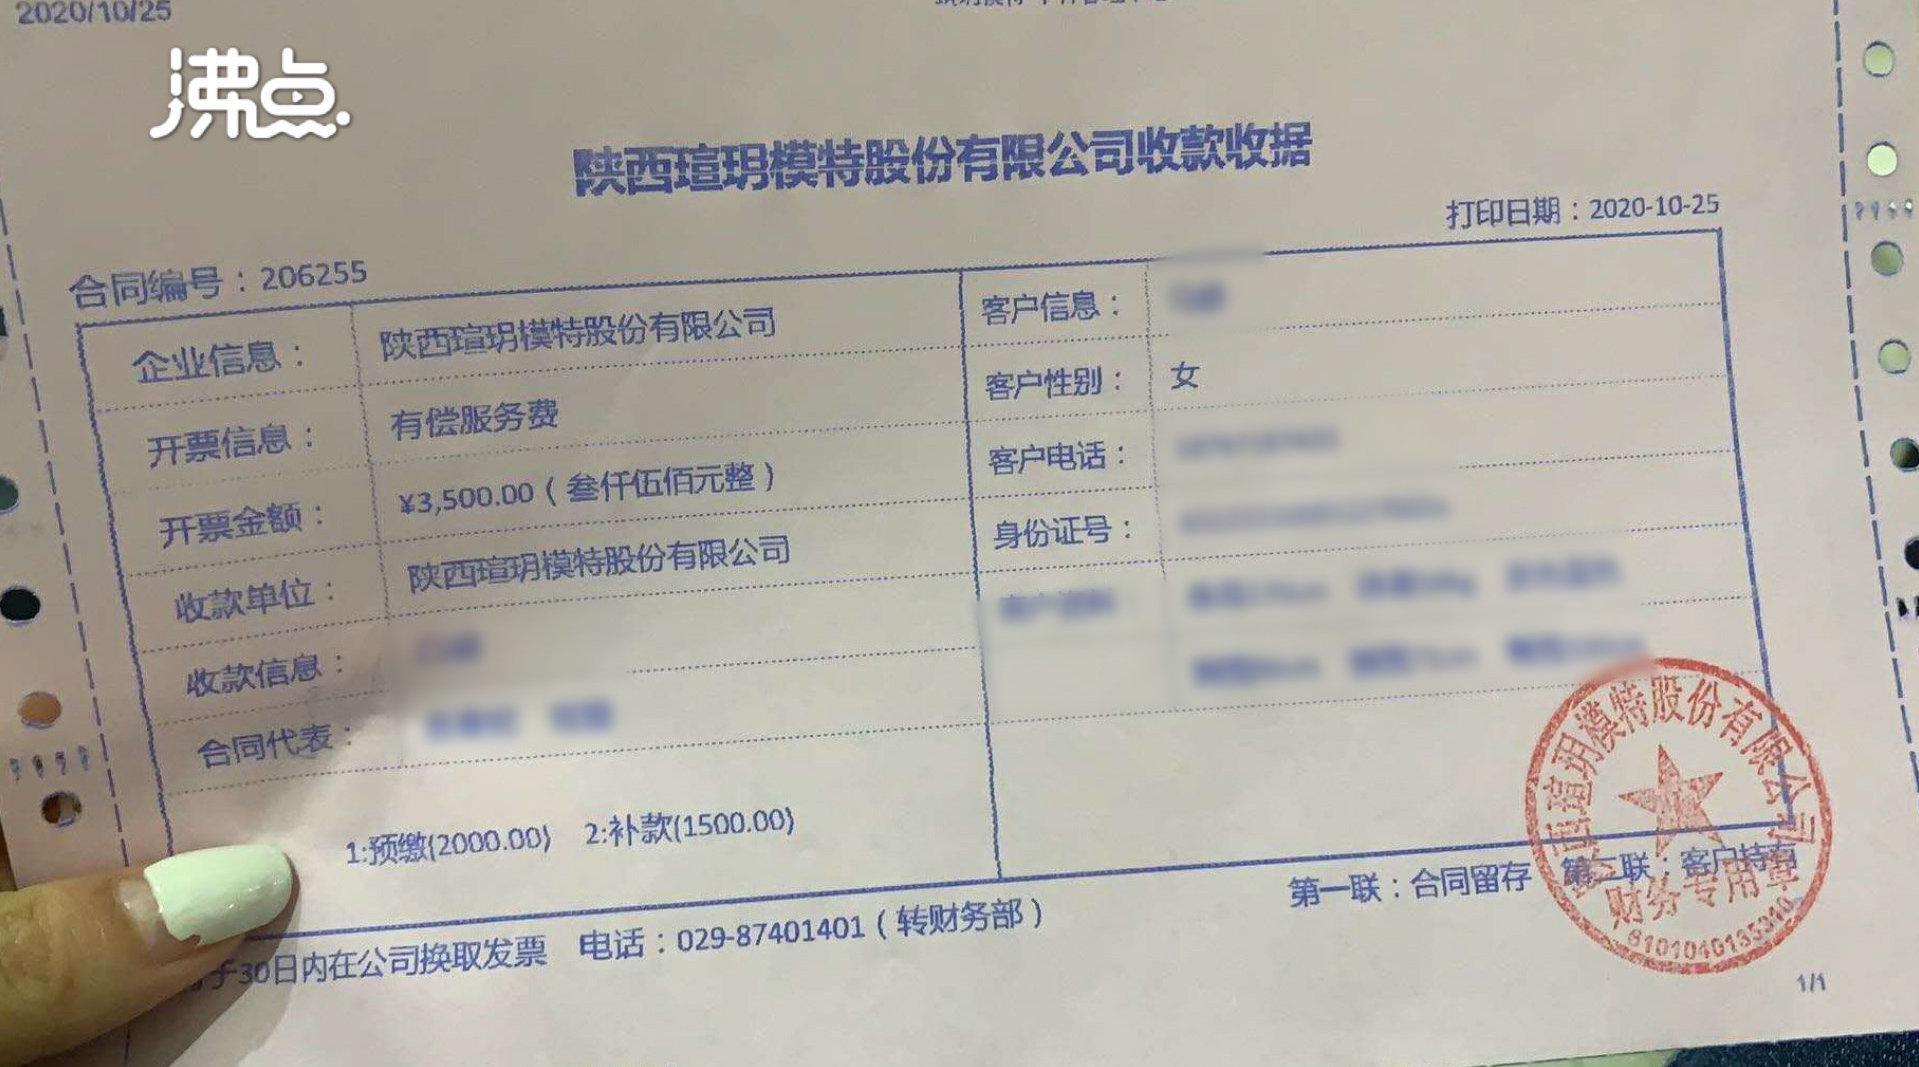 西安一模特公司套路学生网贷录音曝光:先挣钱后交钱 让你贷款合理合法